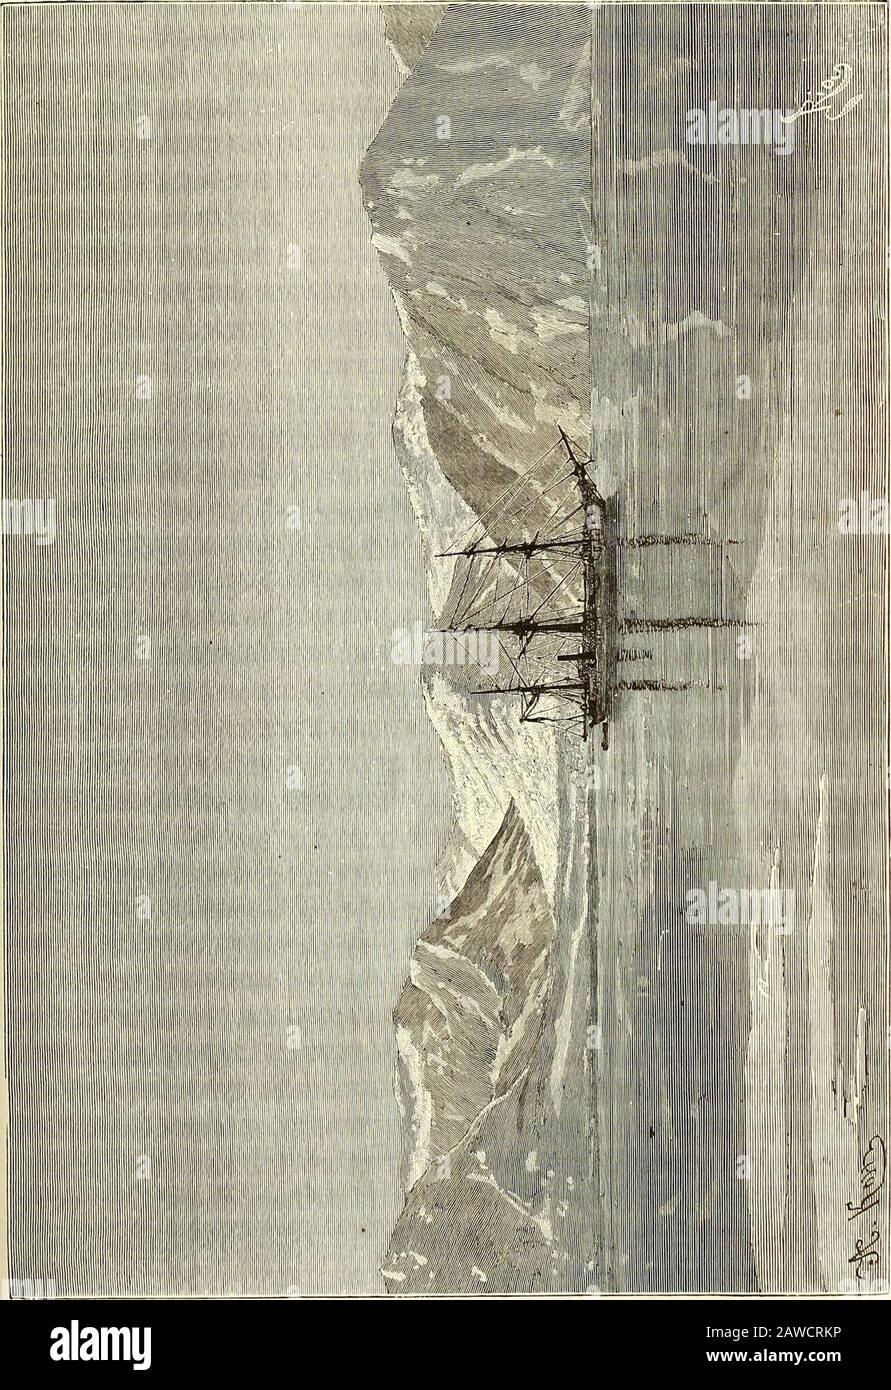 Nouvelle-géographie universitaire : la terre et les hommes . ©o-gues. Au nord-ouest de la Péninsle de TaïMîr, le navigateur norvégienJohannsen dà coucrit en 1878 une île à laquelle il donna le nom bien justifiédEnsomheden ou Â« Solitude ». Cette terre isolée au milieu des banquesprofessionnelles un espace de 200 kmètes Carrés et se termine Élocident par dehautes faléises que domine une cime de 157 Mètres : Sur la rive basse delest, des troncs darbre apportés par les courants recouvent les sables.Peut-être cette île avait-elle é déJà vue par -Laptev en 1741 les Bouriates sont Banque D'Images